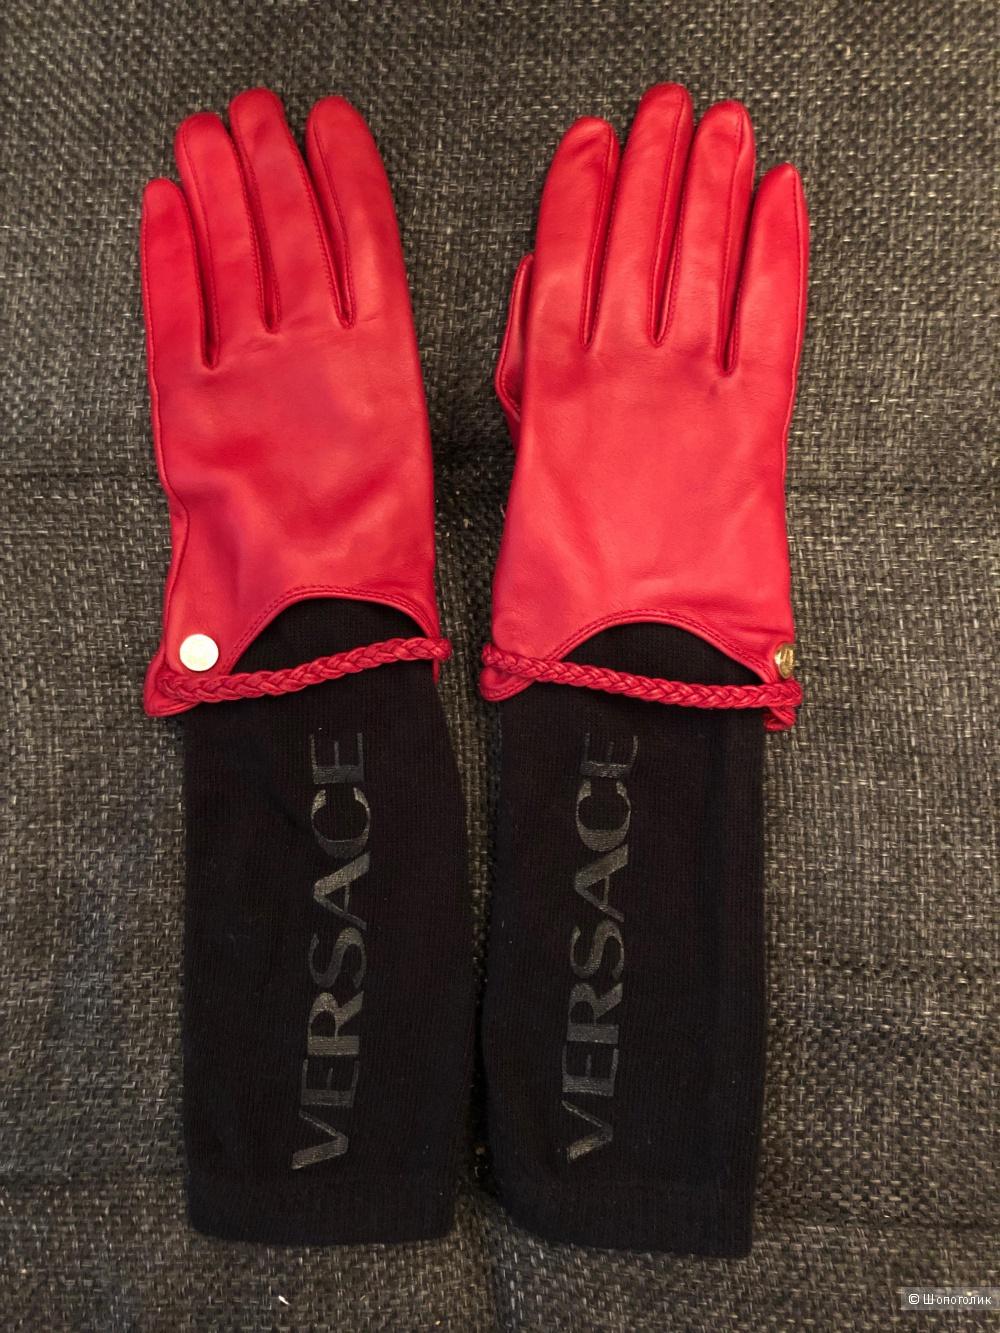 Кожаные перчатки  Versace. размер 7,5 L